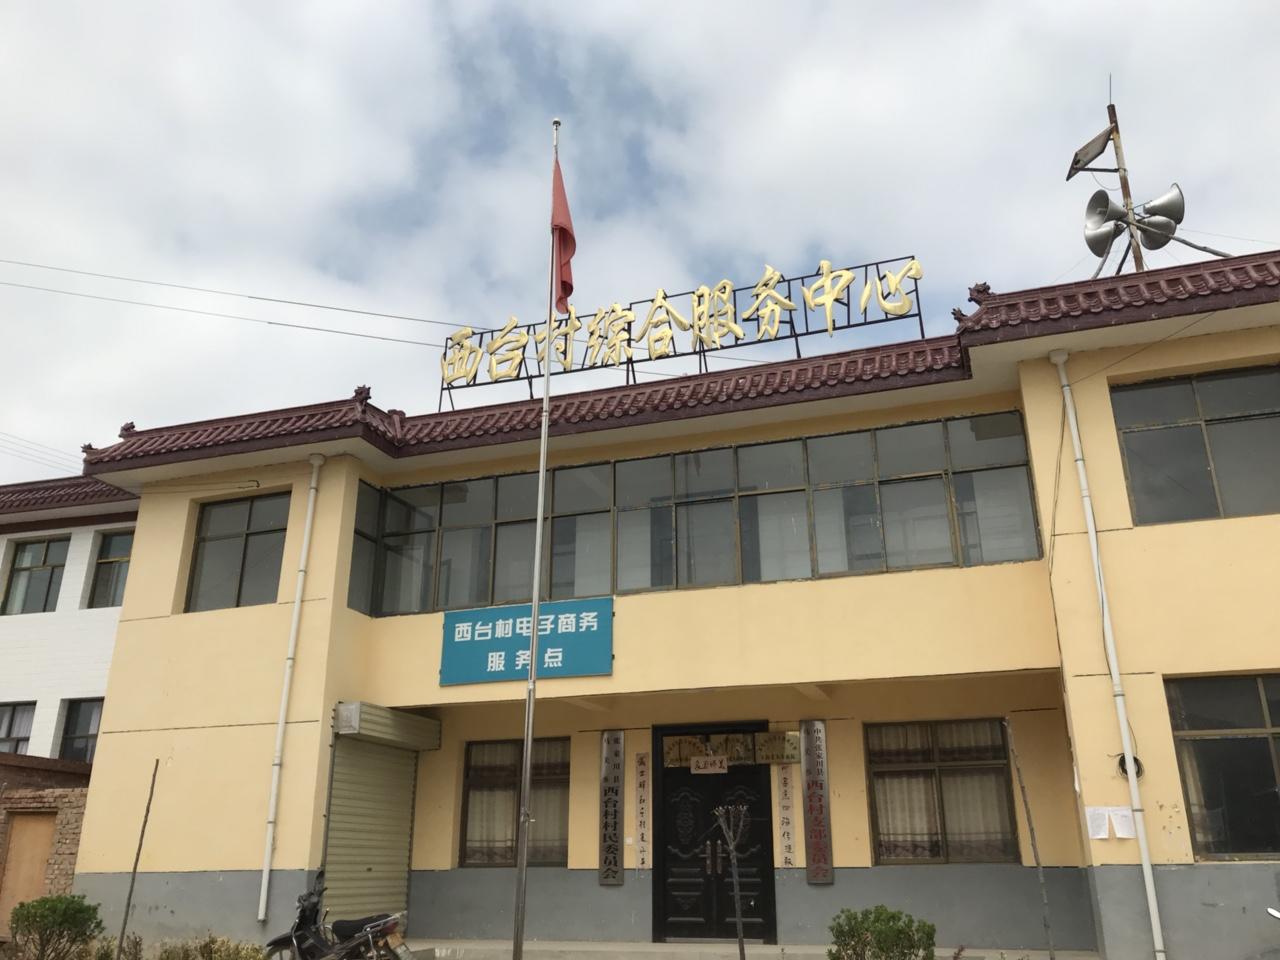 【文化惠民】马关镇西台村综合文化服务中心风�